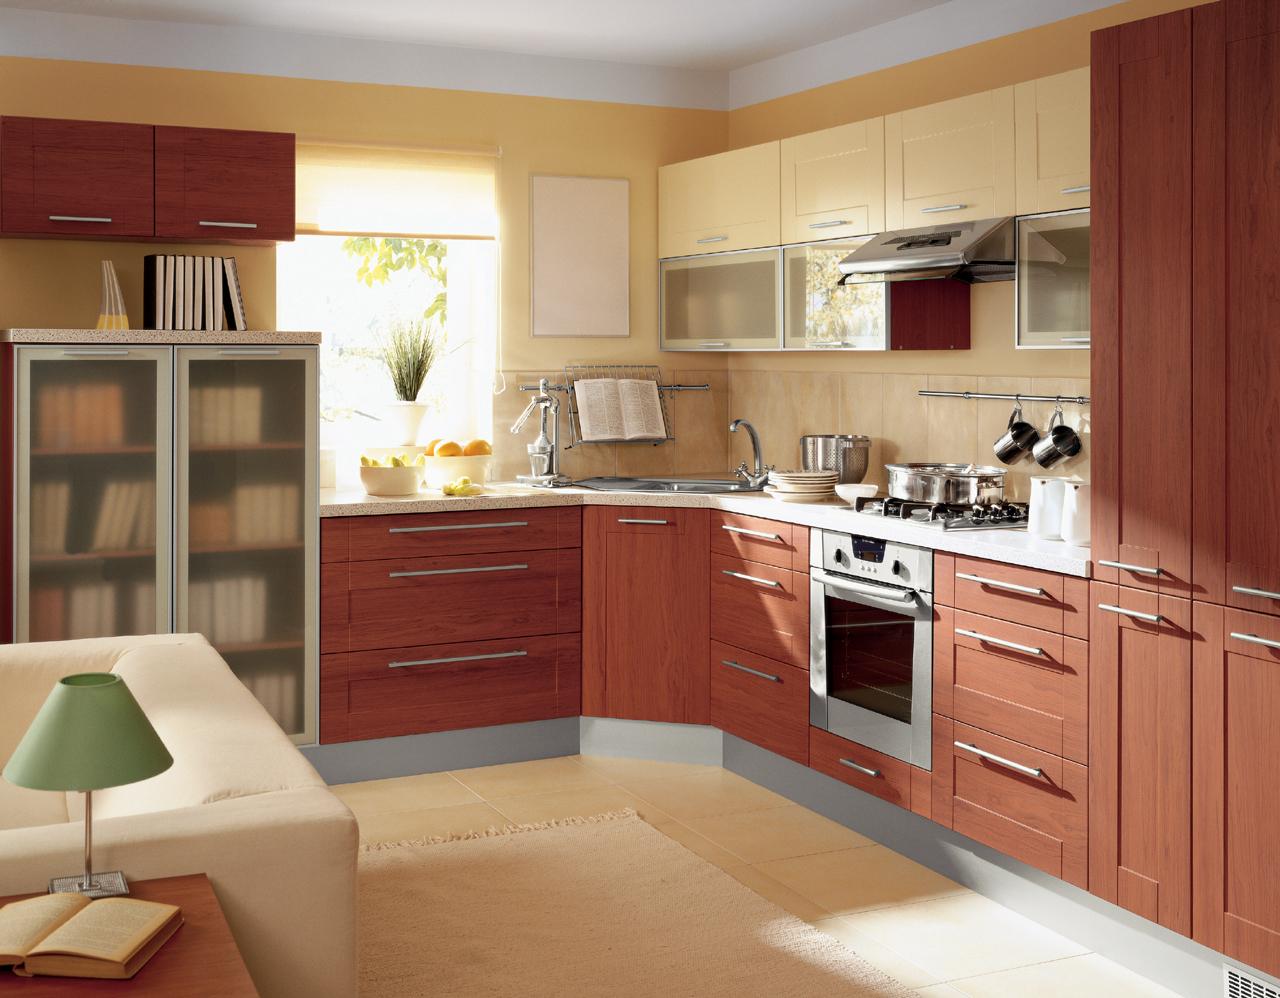 k che 300 cm einbauk che erweiterbar vanille kirsche antik rahmen fronten ebay. Black Bedroom Furniture Sets. Home Design Ideas